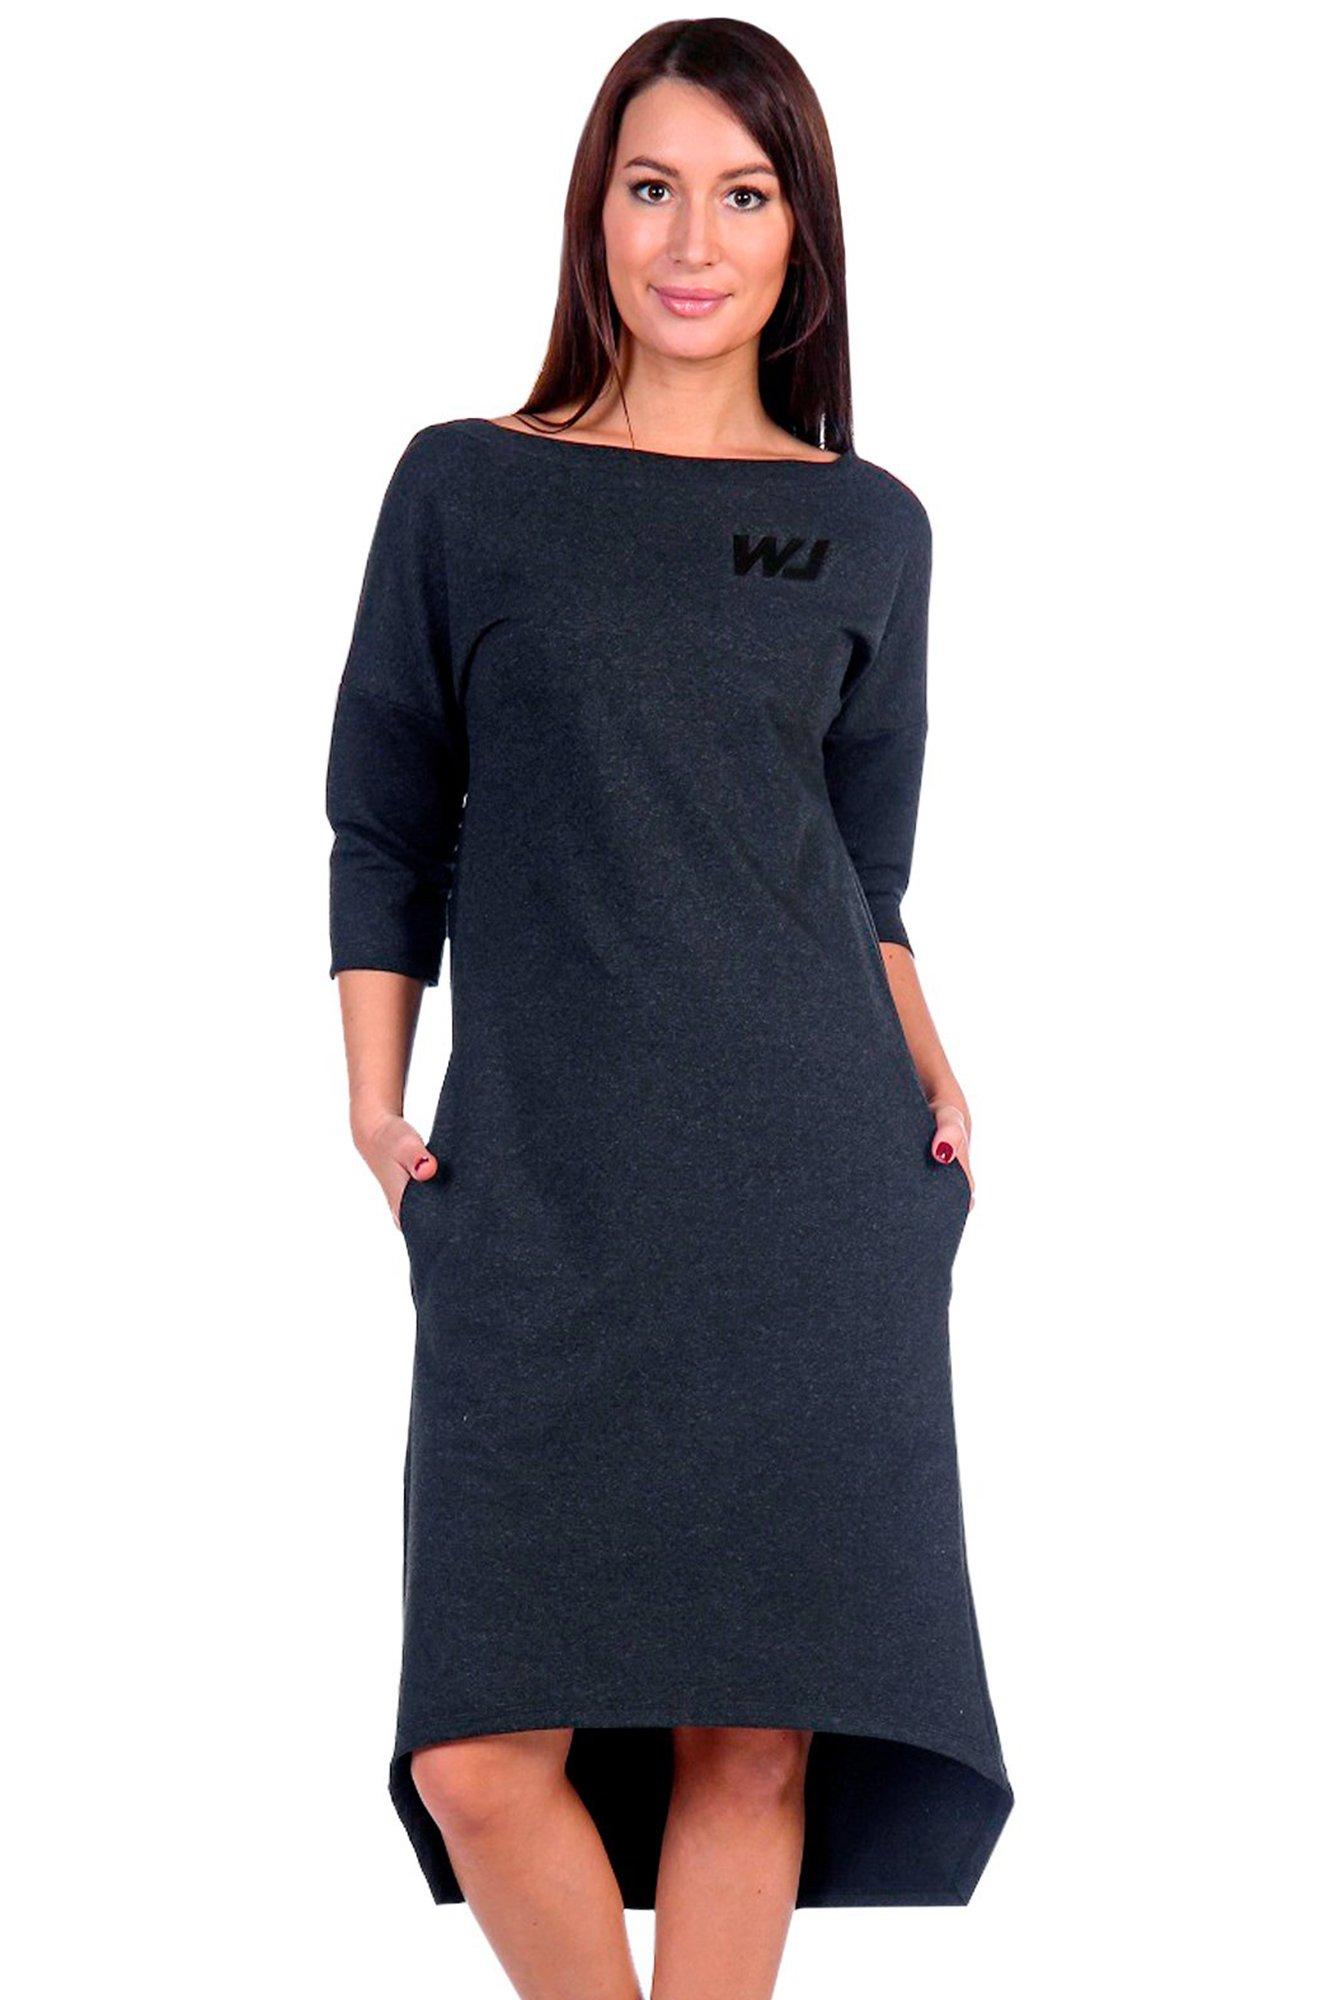 b6ce73af9be7 Платье Натали 6528102 серый купить оптом в HappyWear.ru